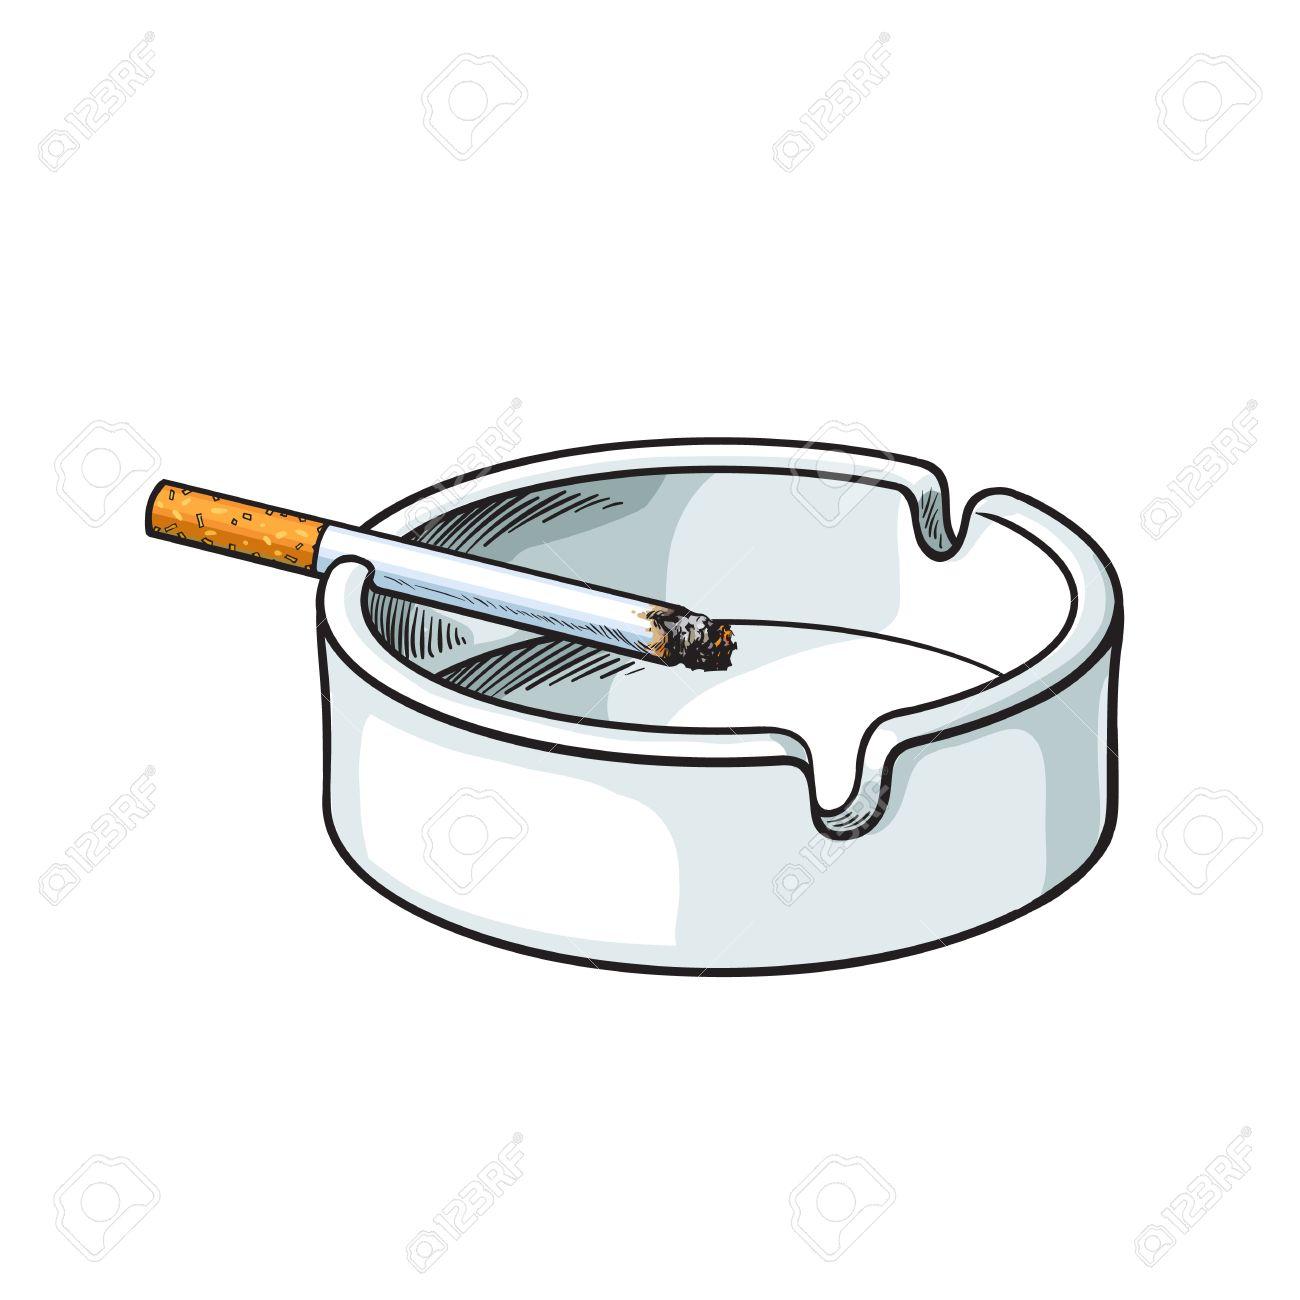 Blanc Cendrier En Ceramique Propre Et Vide Avec Une Seule Cigarette